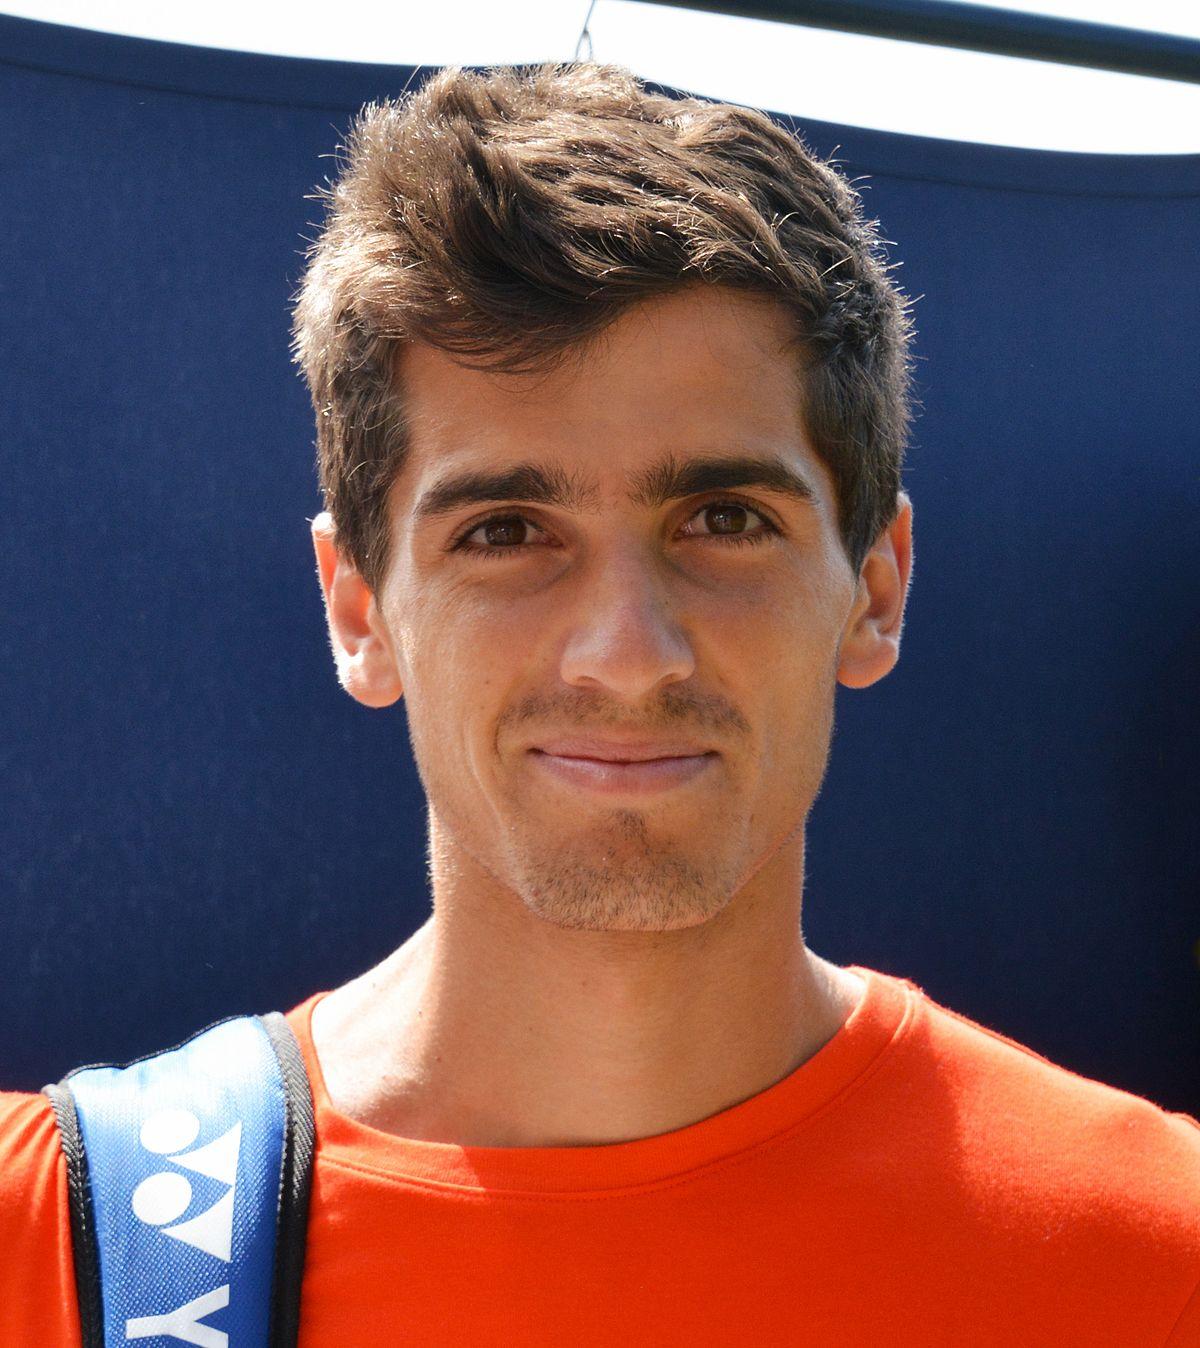 Herbert Tennis